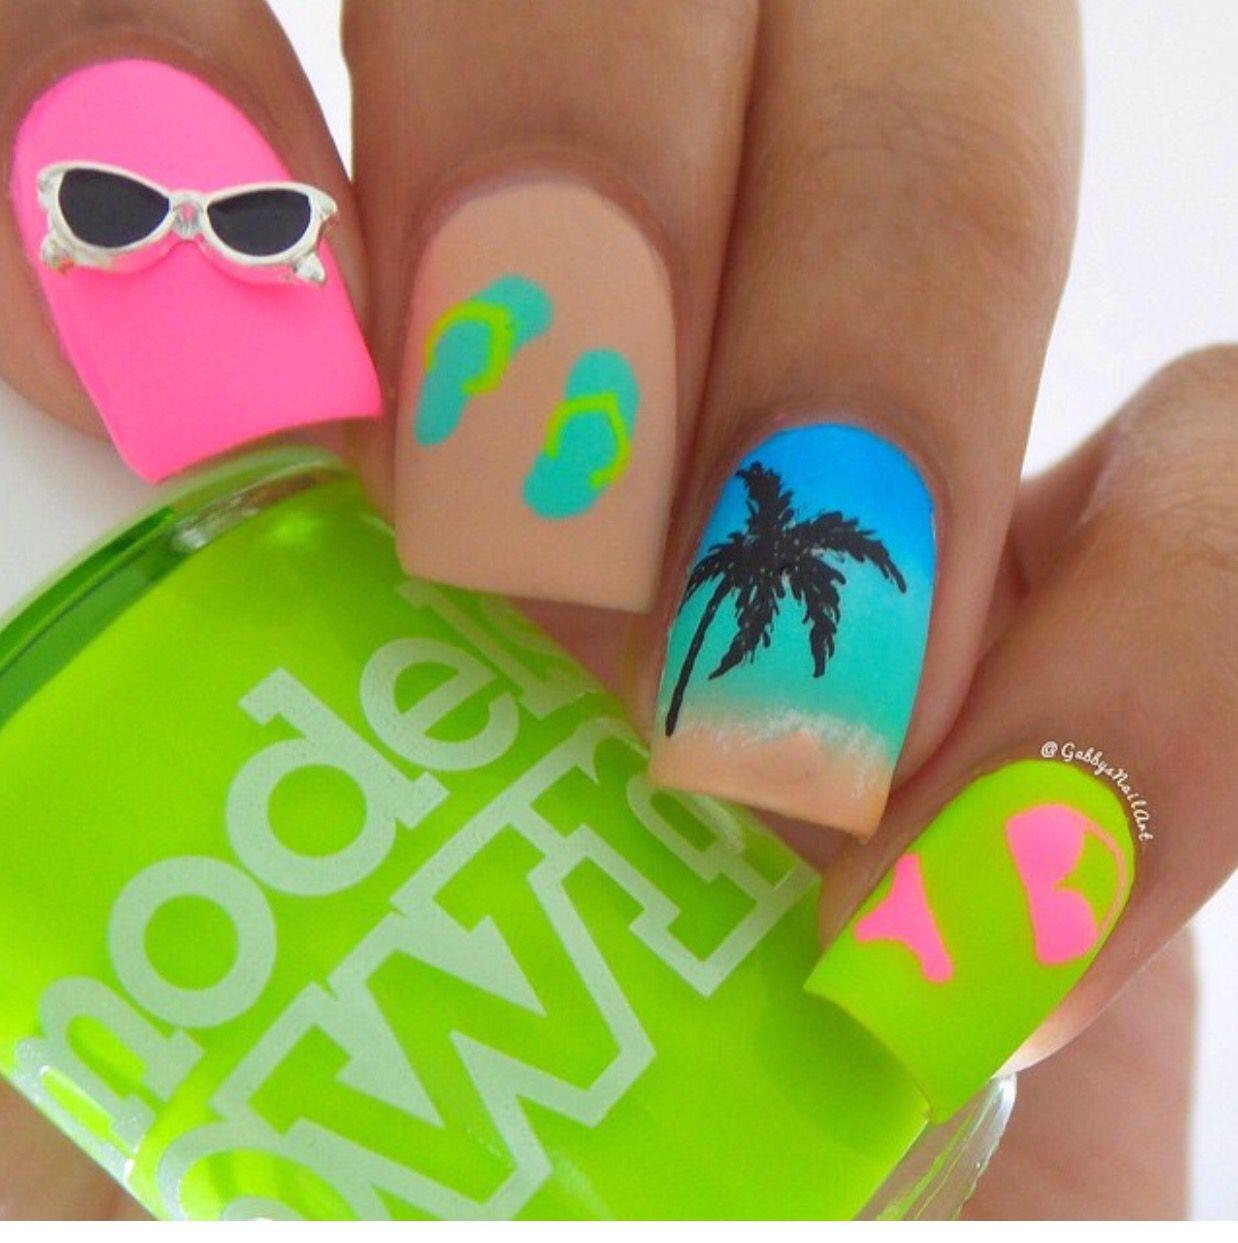 Add a pink flamingo | Nails | Pinterest | Maniküre, Nagelkunst und ...